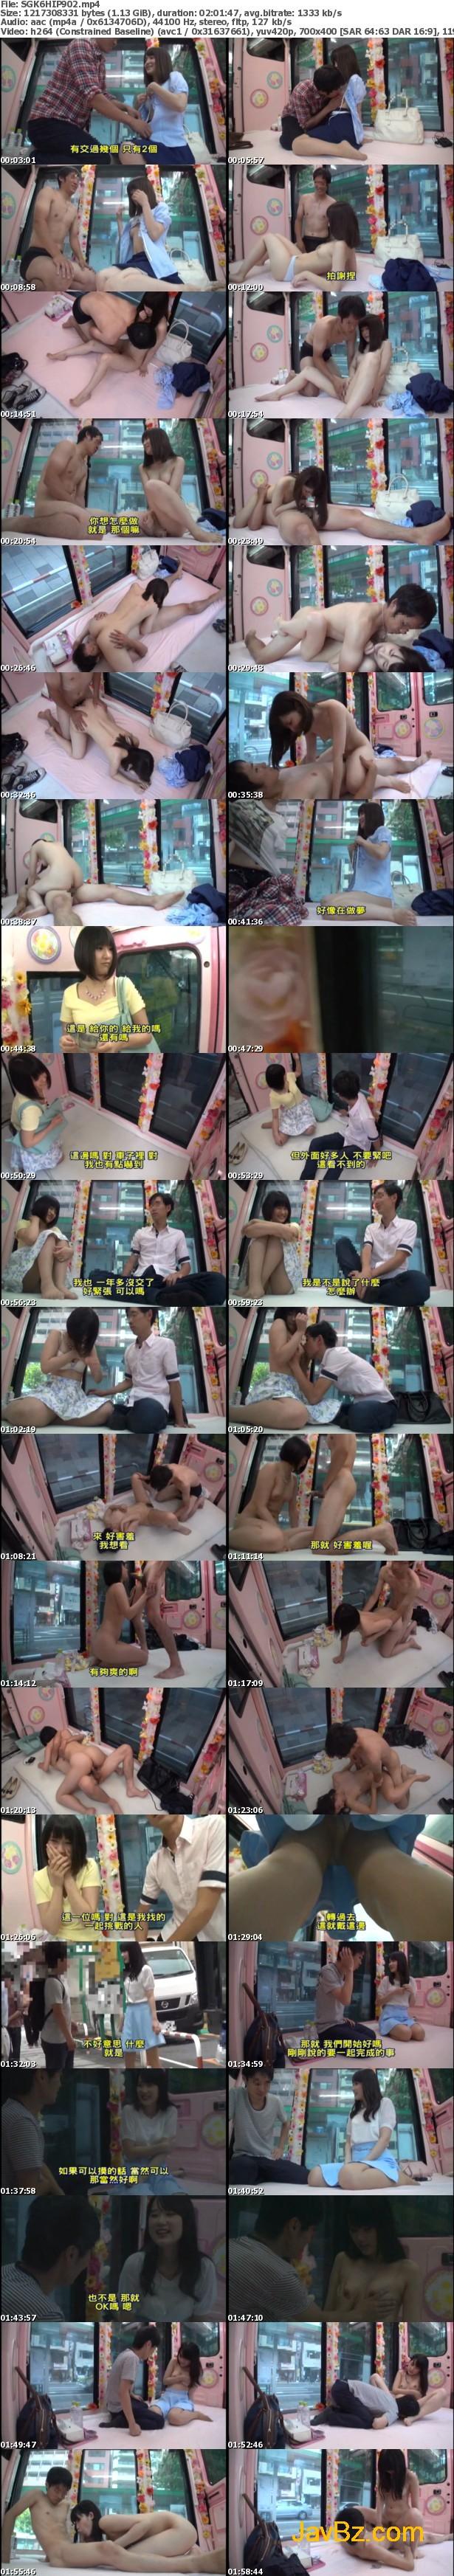 [DVDES-902] 一般男女模仿AV×魔鏡號合作企劃 路上實驗!!渴望完美邂逅的素人女大生有生以來首次挑戰搭訕男人!!在見到陌生男性的一瞬間馬上緊張交涉作愛 2[中文字幕]